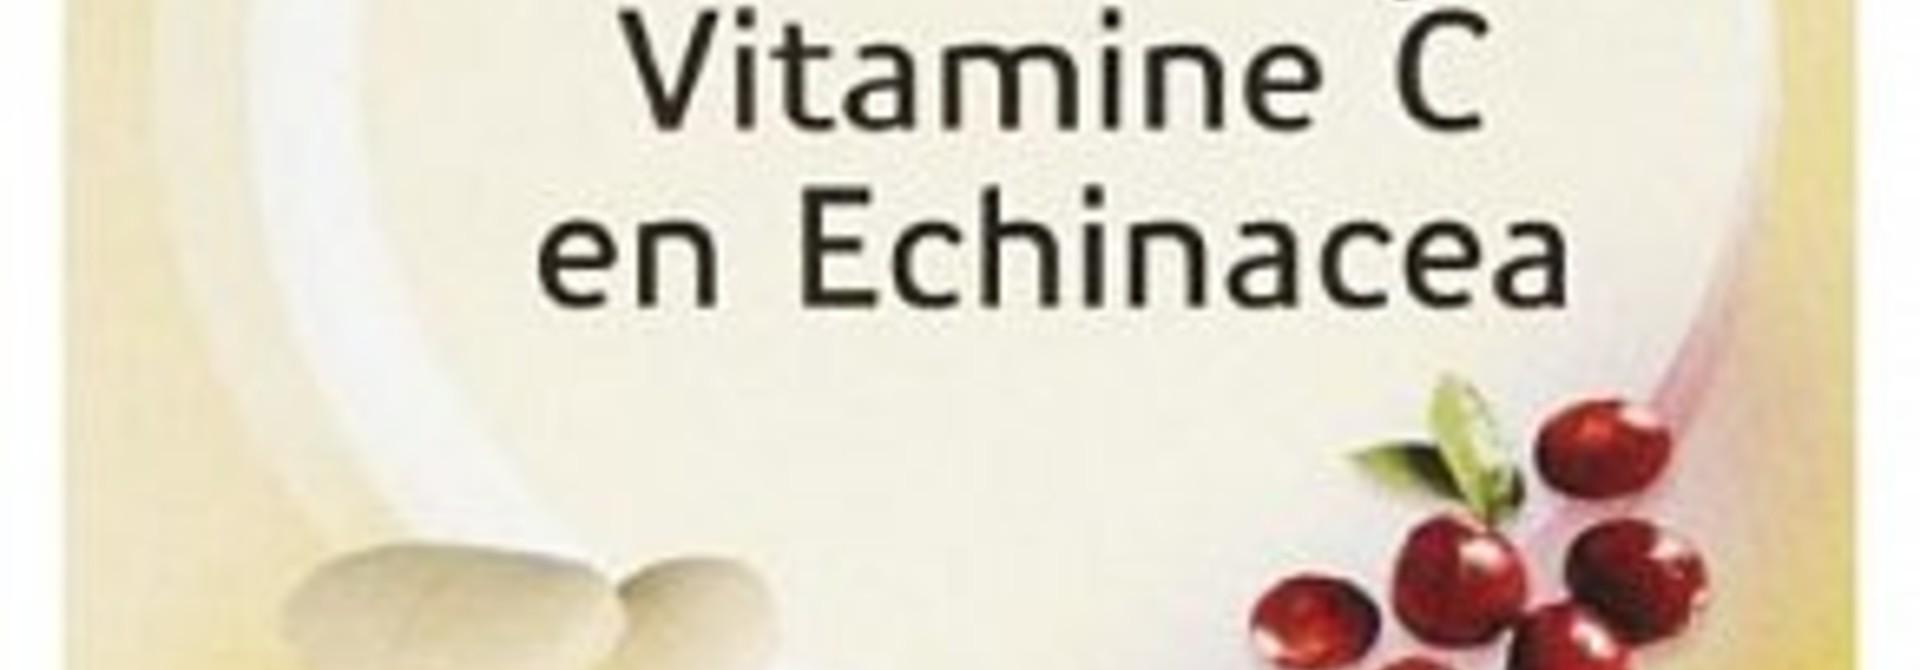 Roter Blaas Voor Een Goede Blaasfunctie 30 tabletten